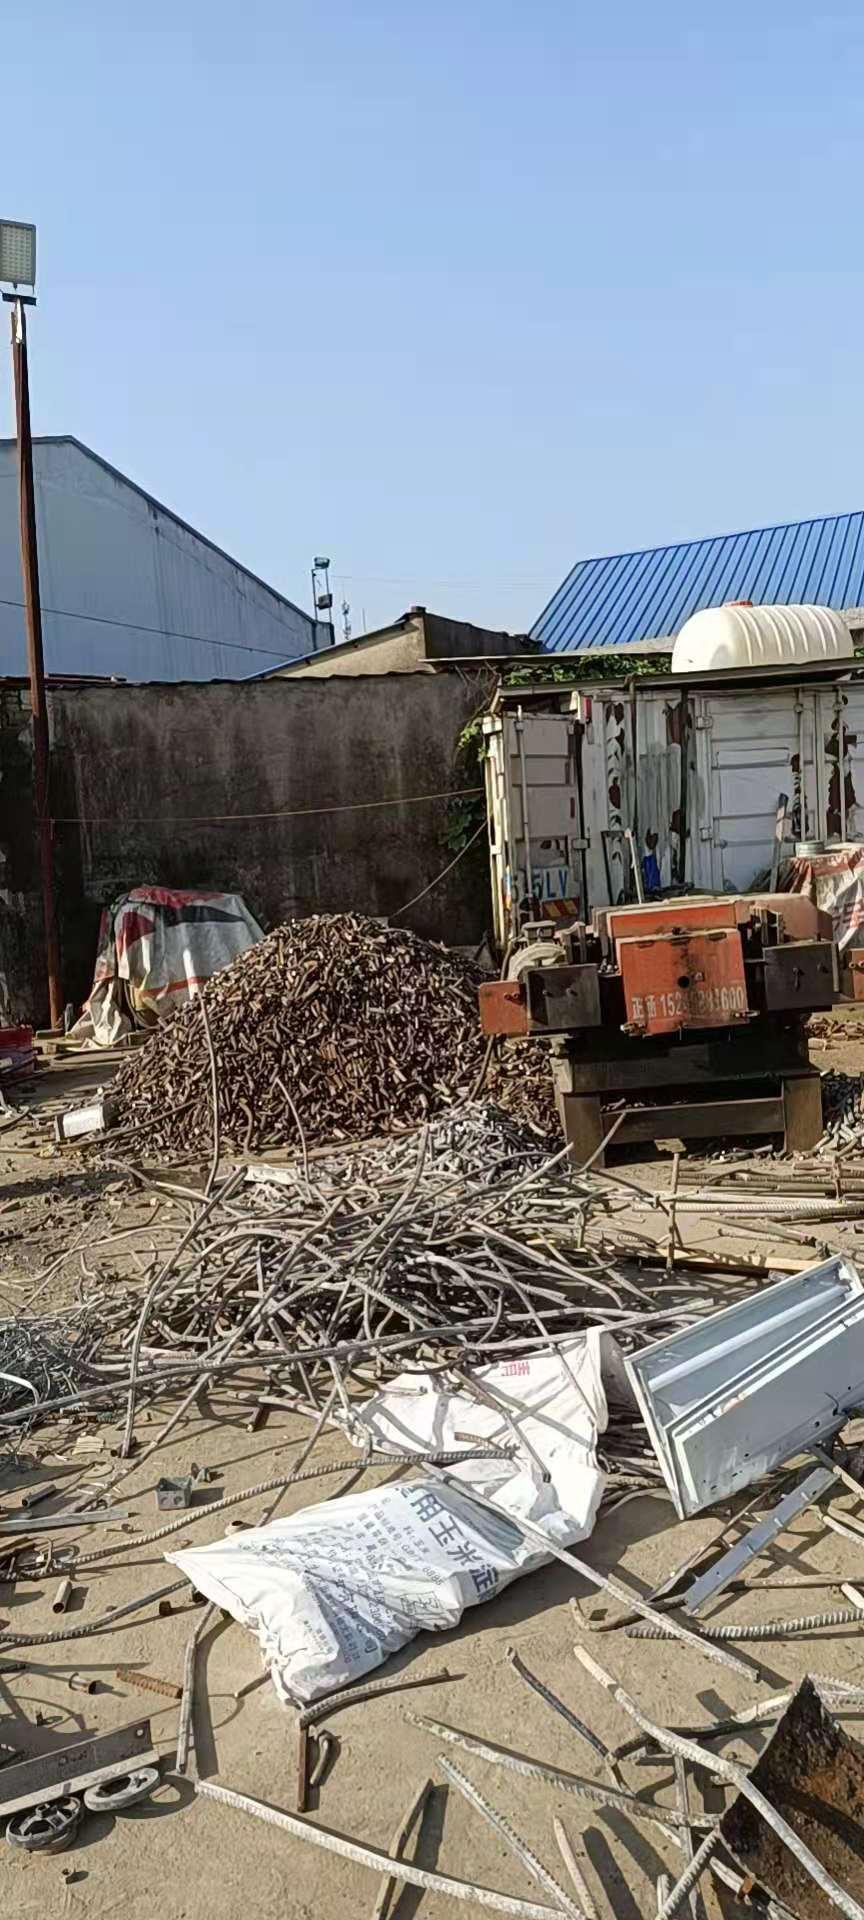 常州志朋物资回收教您怎么区分废铝和废铁?—常州废铝废铁回收